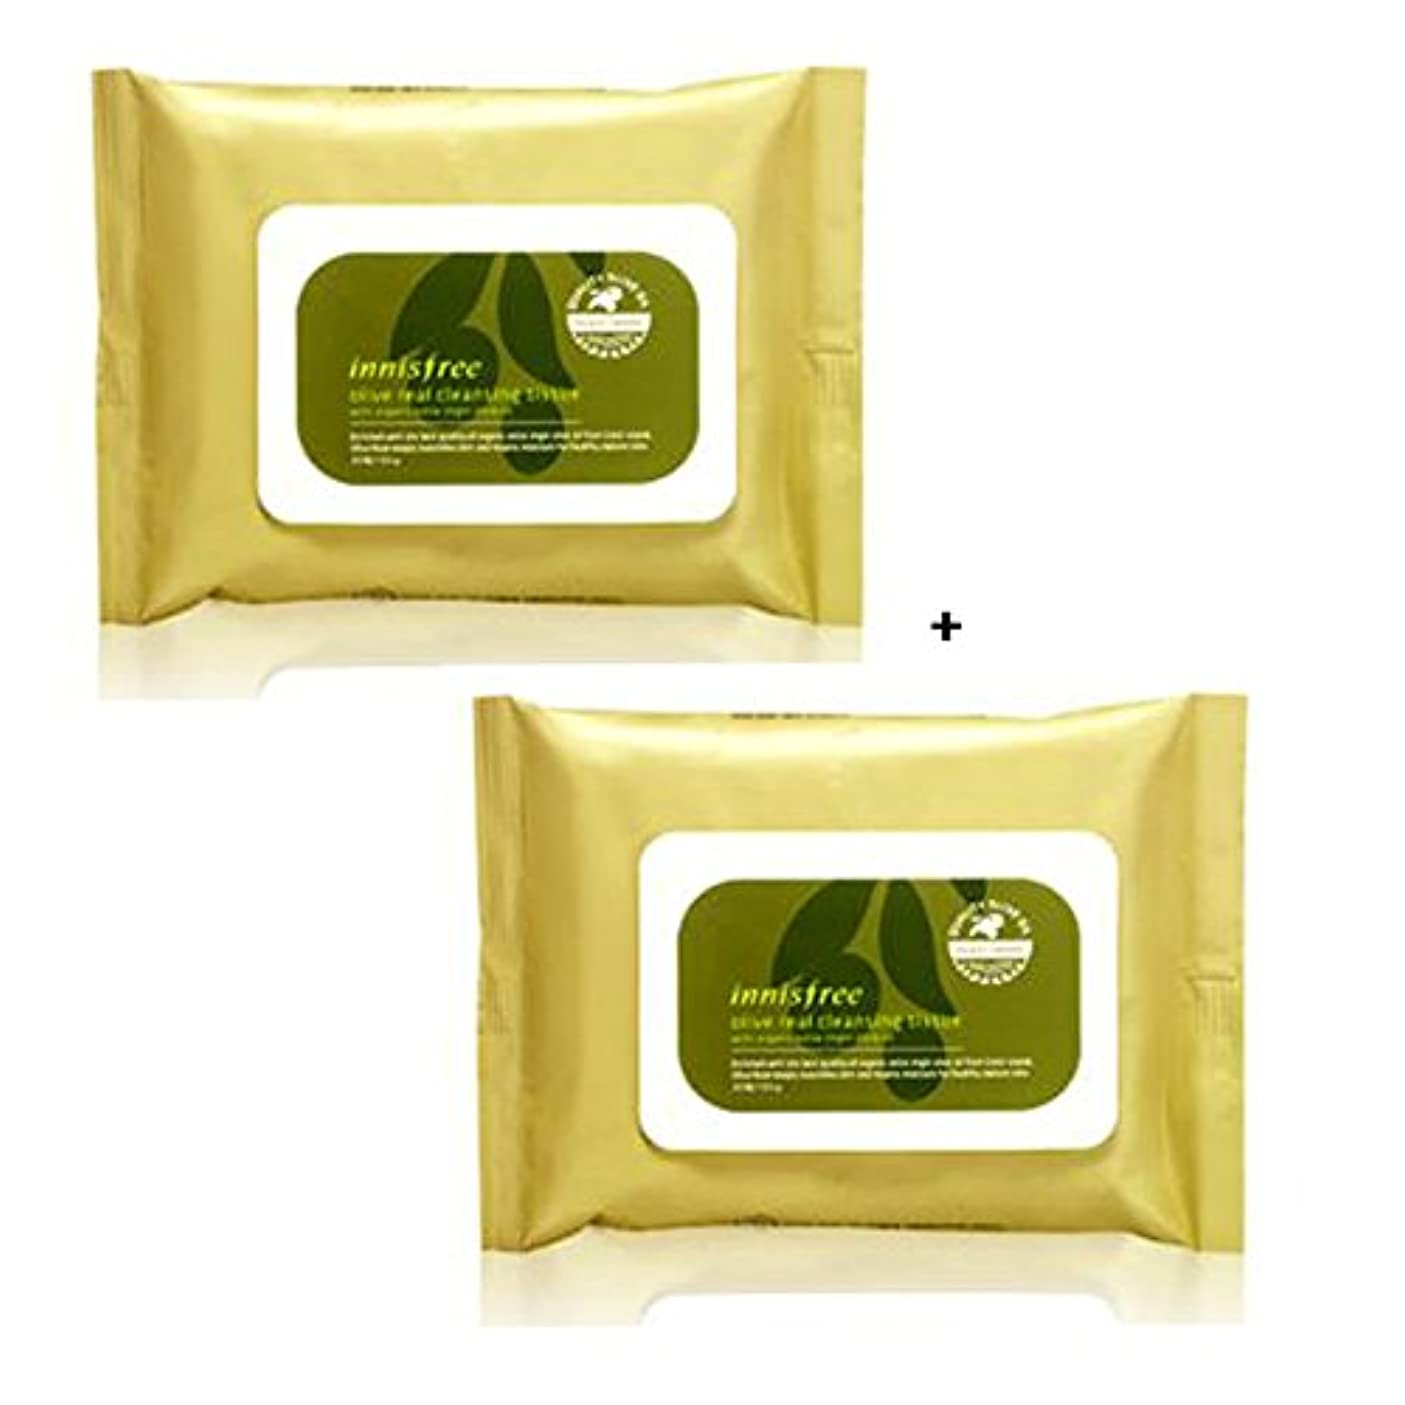 正しい芝生気がついてイニスフリー Innisfree オリーブリアル クレンジングティッシュ (30枚x2) Innisfree Olive Real Cleansing Tissue (30sheetsx2Pcs) [海外直送品]